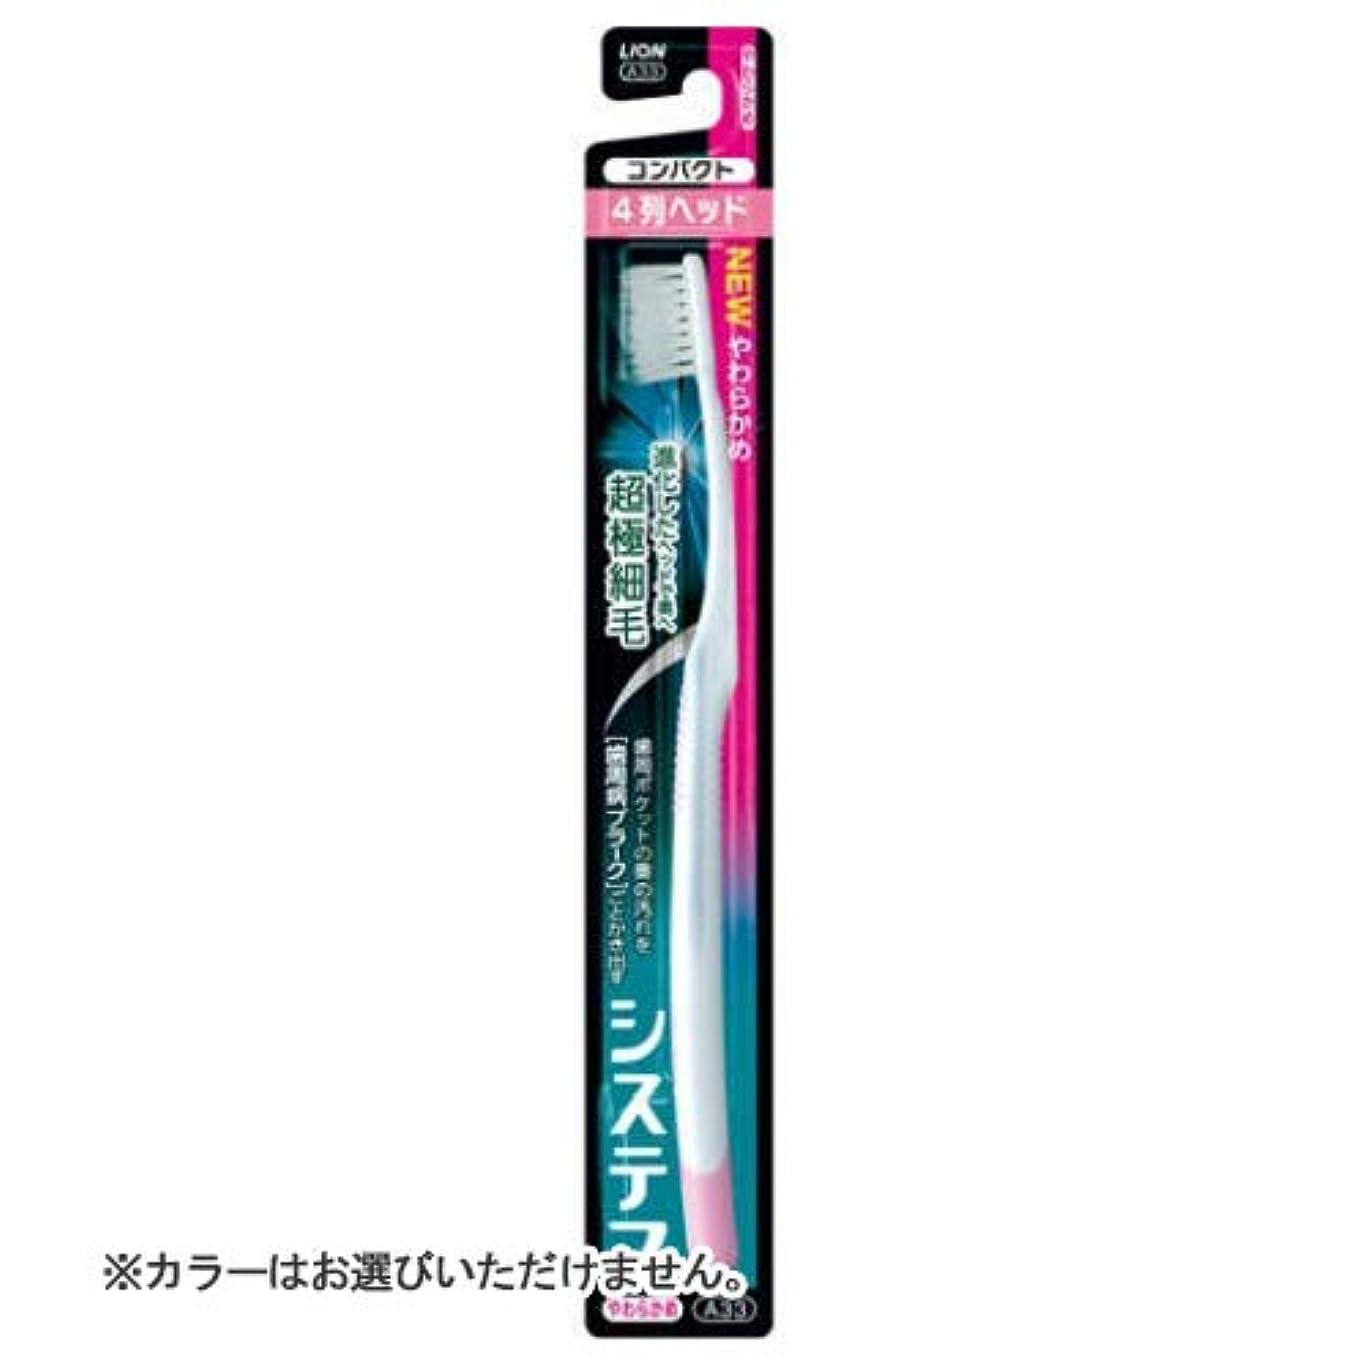 インスタント魅了する成功ライオン システマ ハブラシ コンパクト4列 やわらかめ (1本) 大人用 歯ブラシ